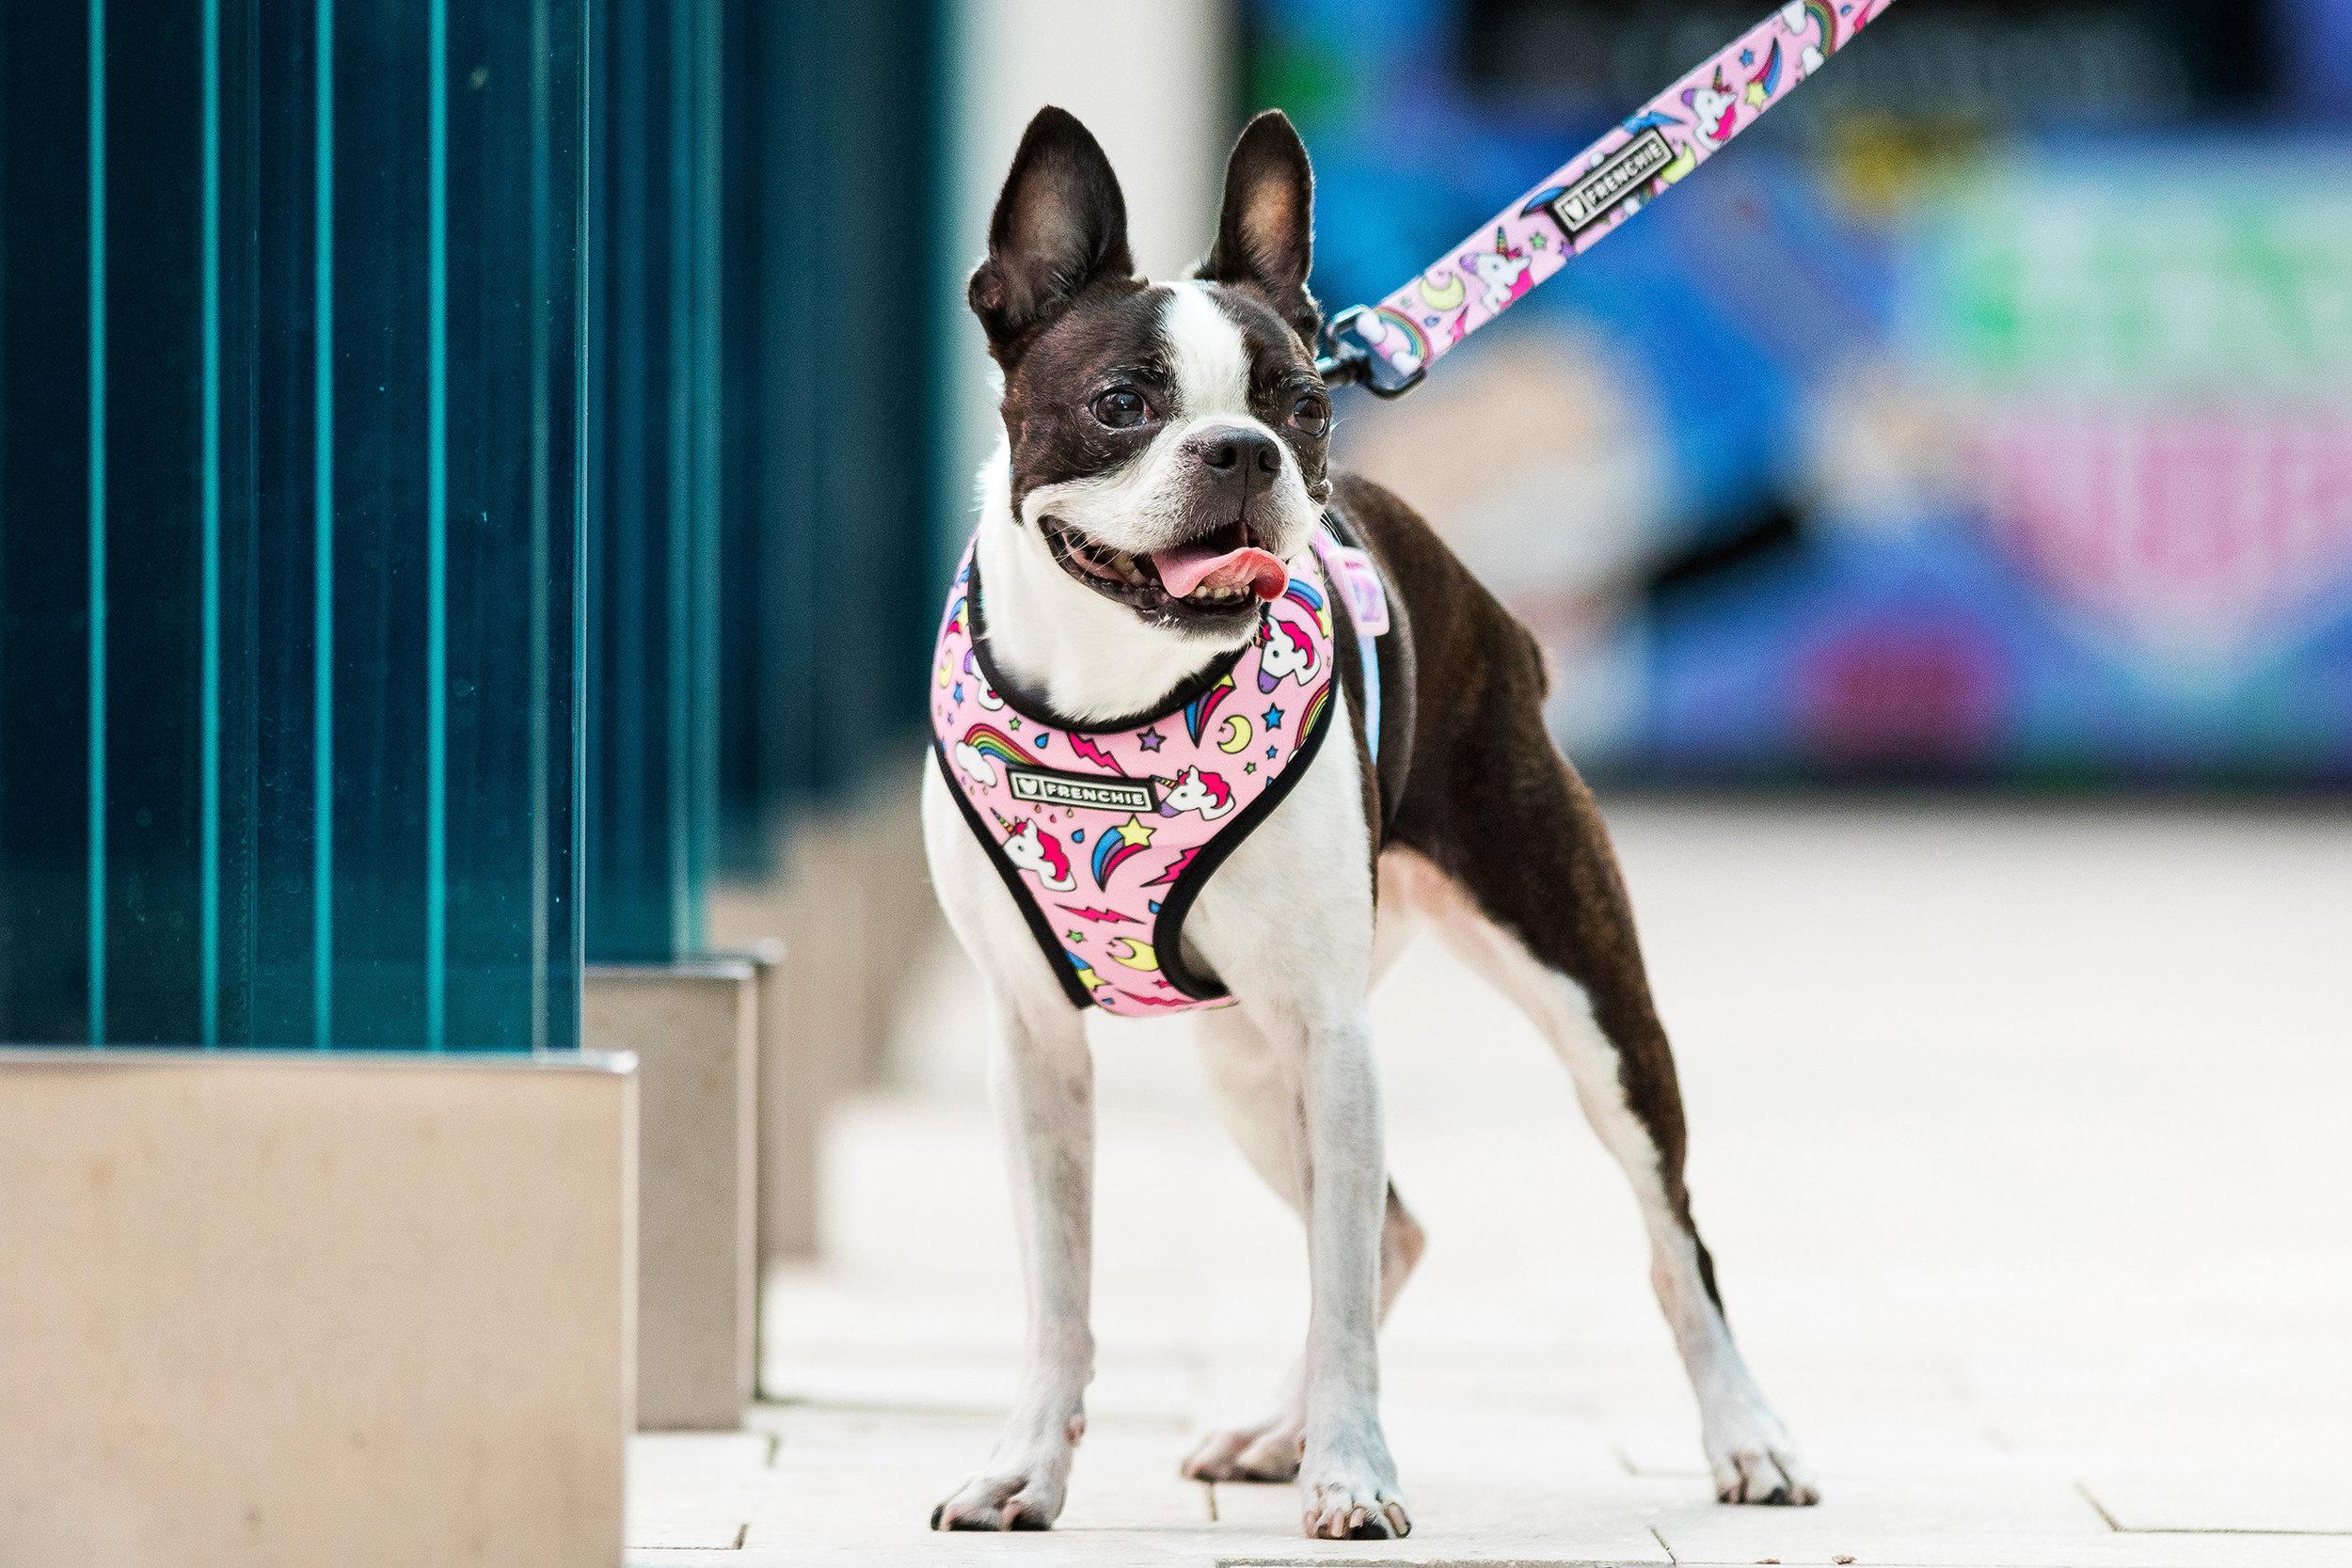 Boston Terrier in Miami